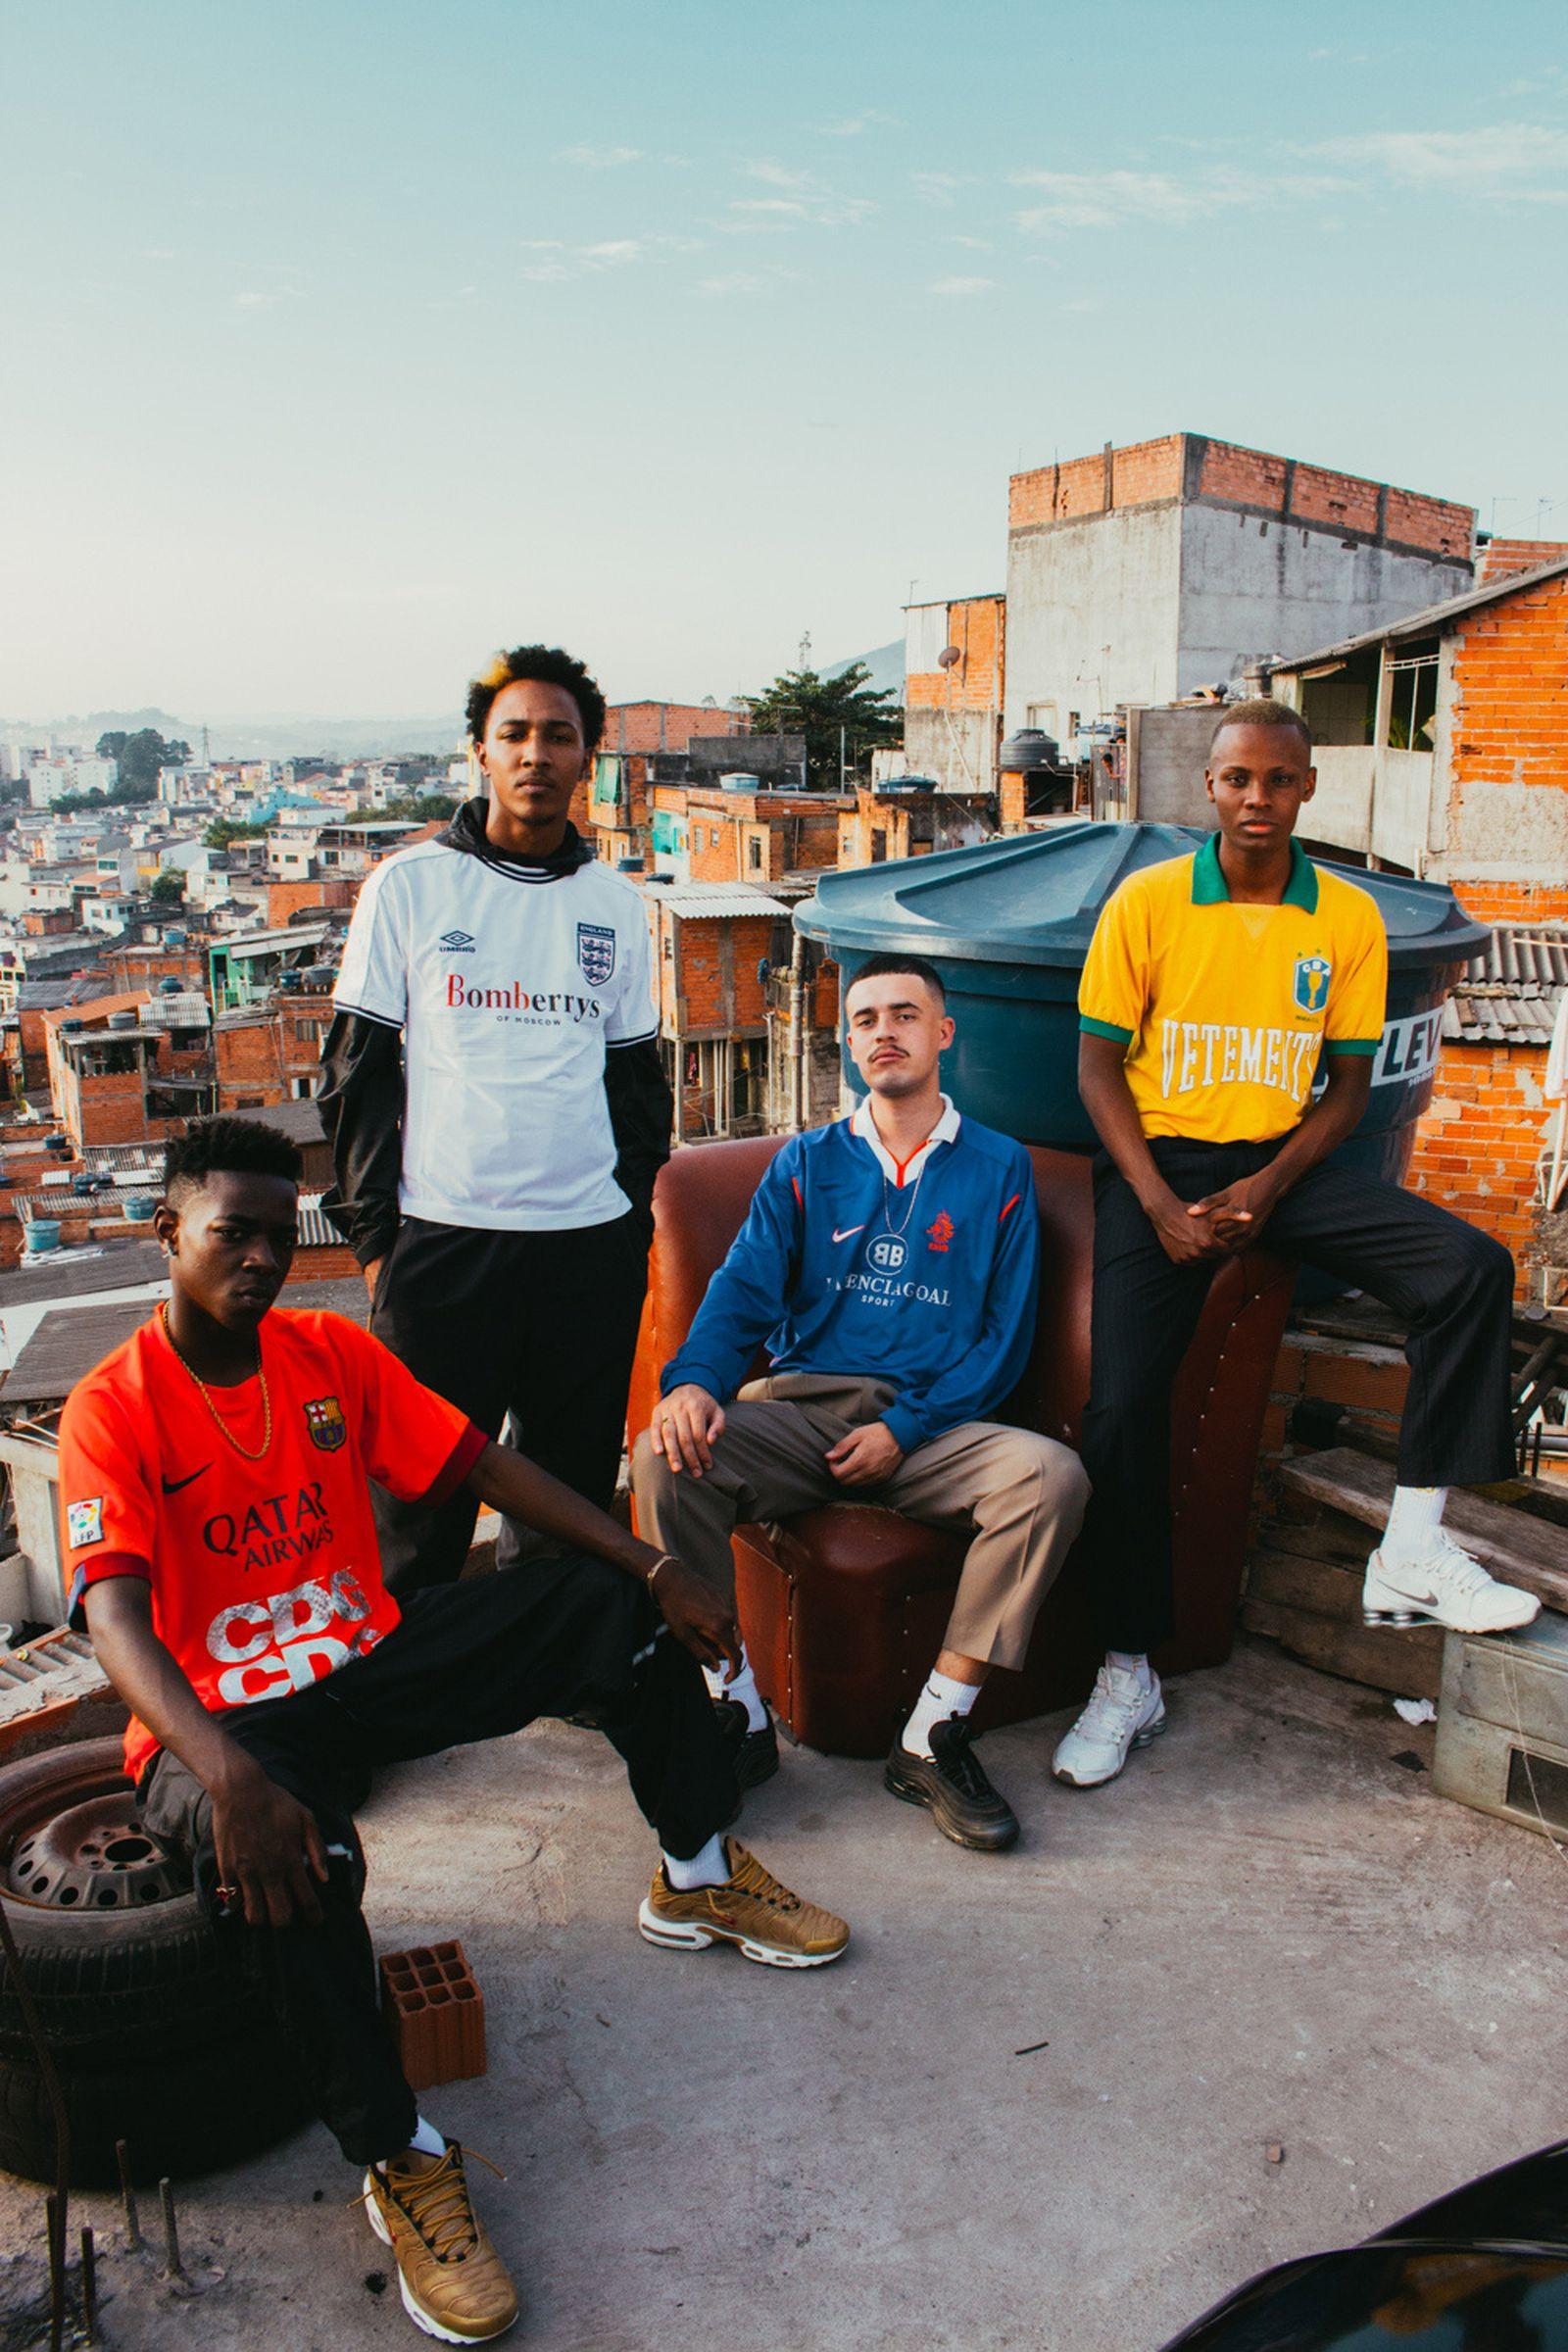 les vetements de football brazil editorial nss